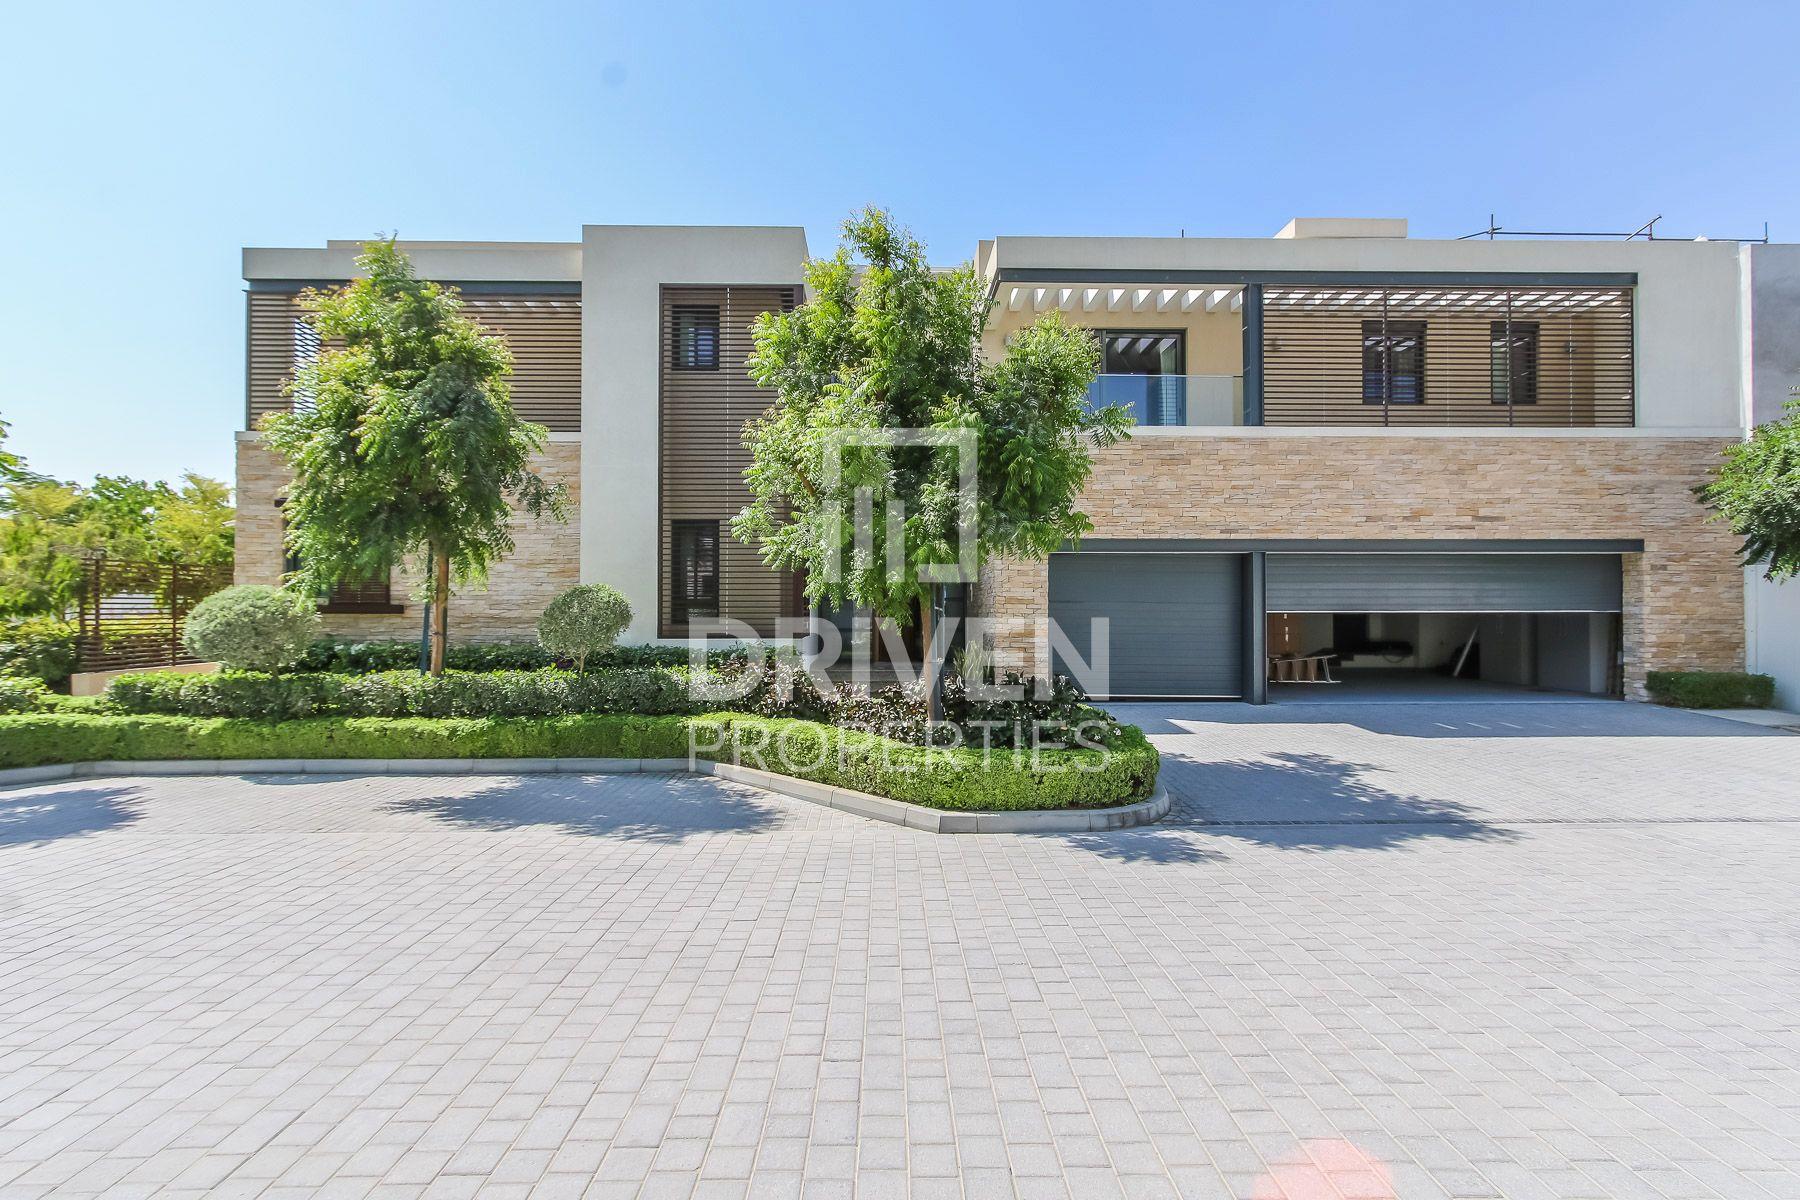 6,017 قدم مربع  فيلا - للبيع - مدينة الشيخ محمد بن راشد